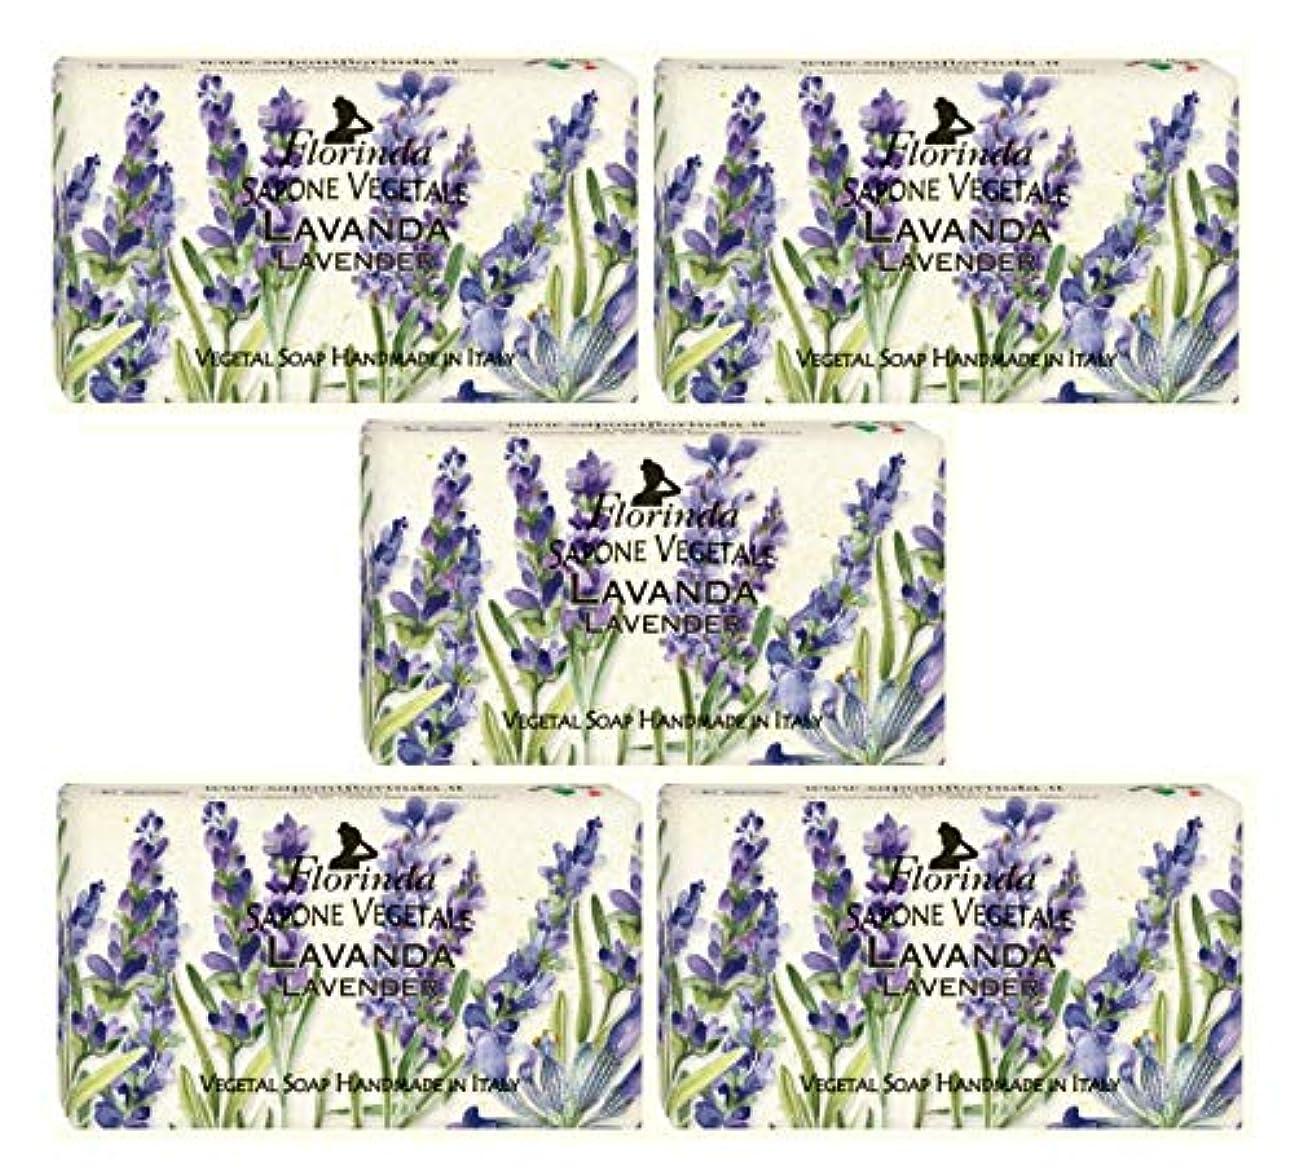 ハロウィン鉄道駅オーバーランフロリンダ フレグランスソープ 固形石けん 花の香り ラベンダー 95g×5個セット